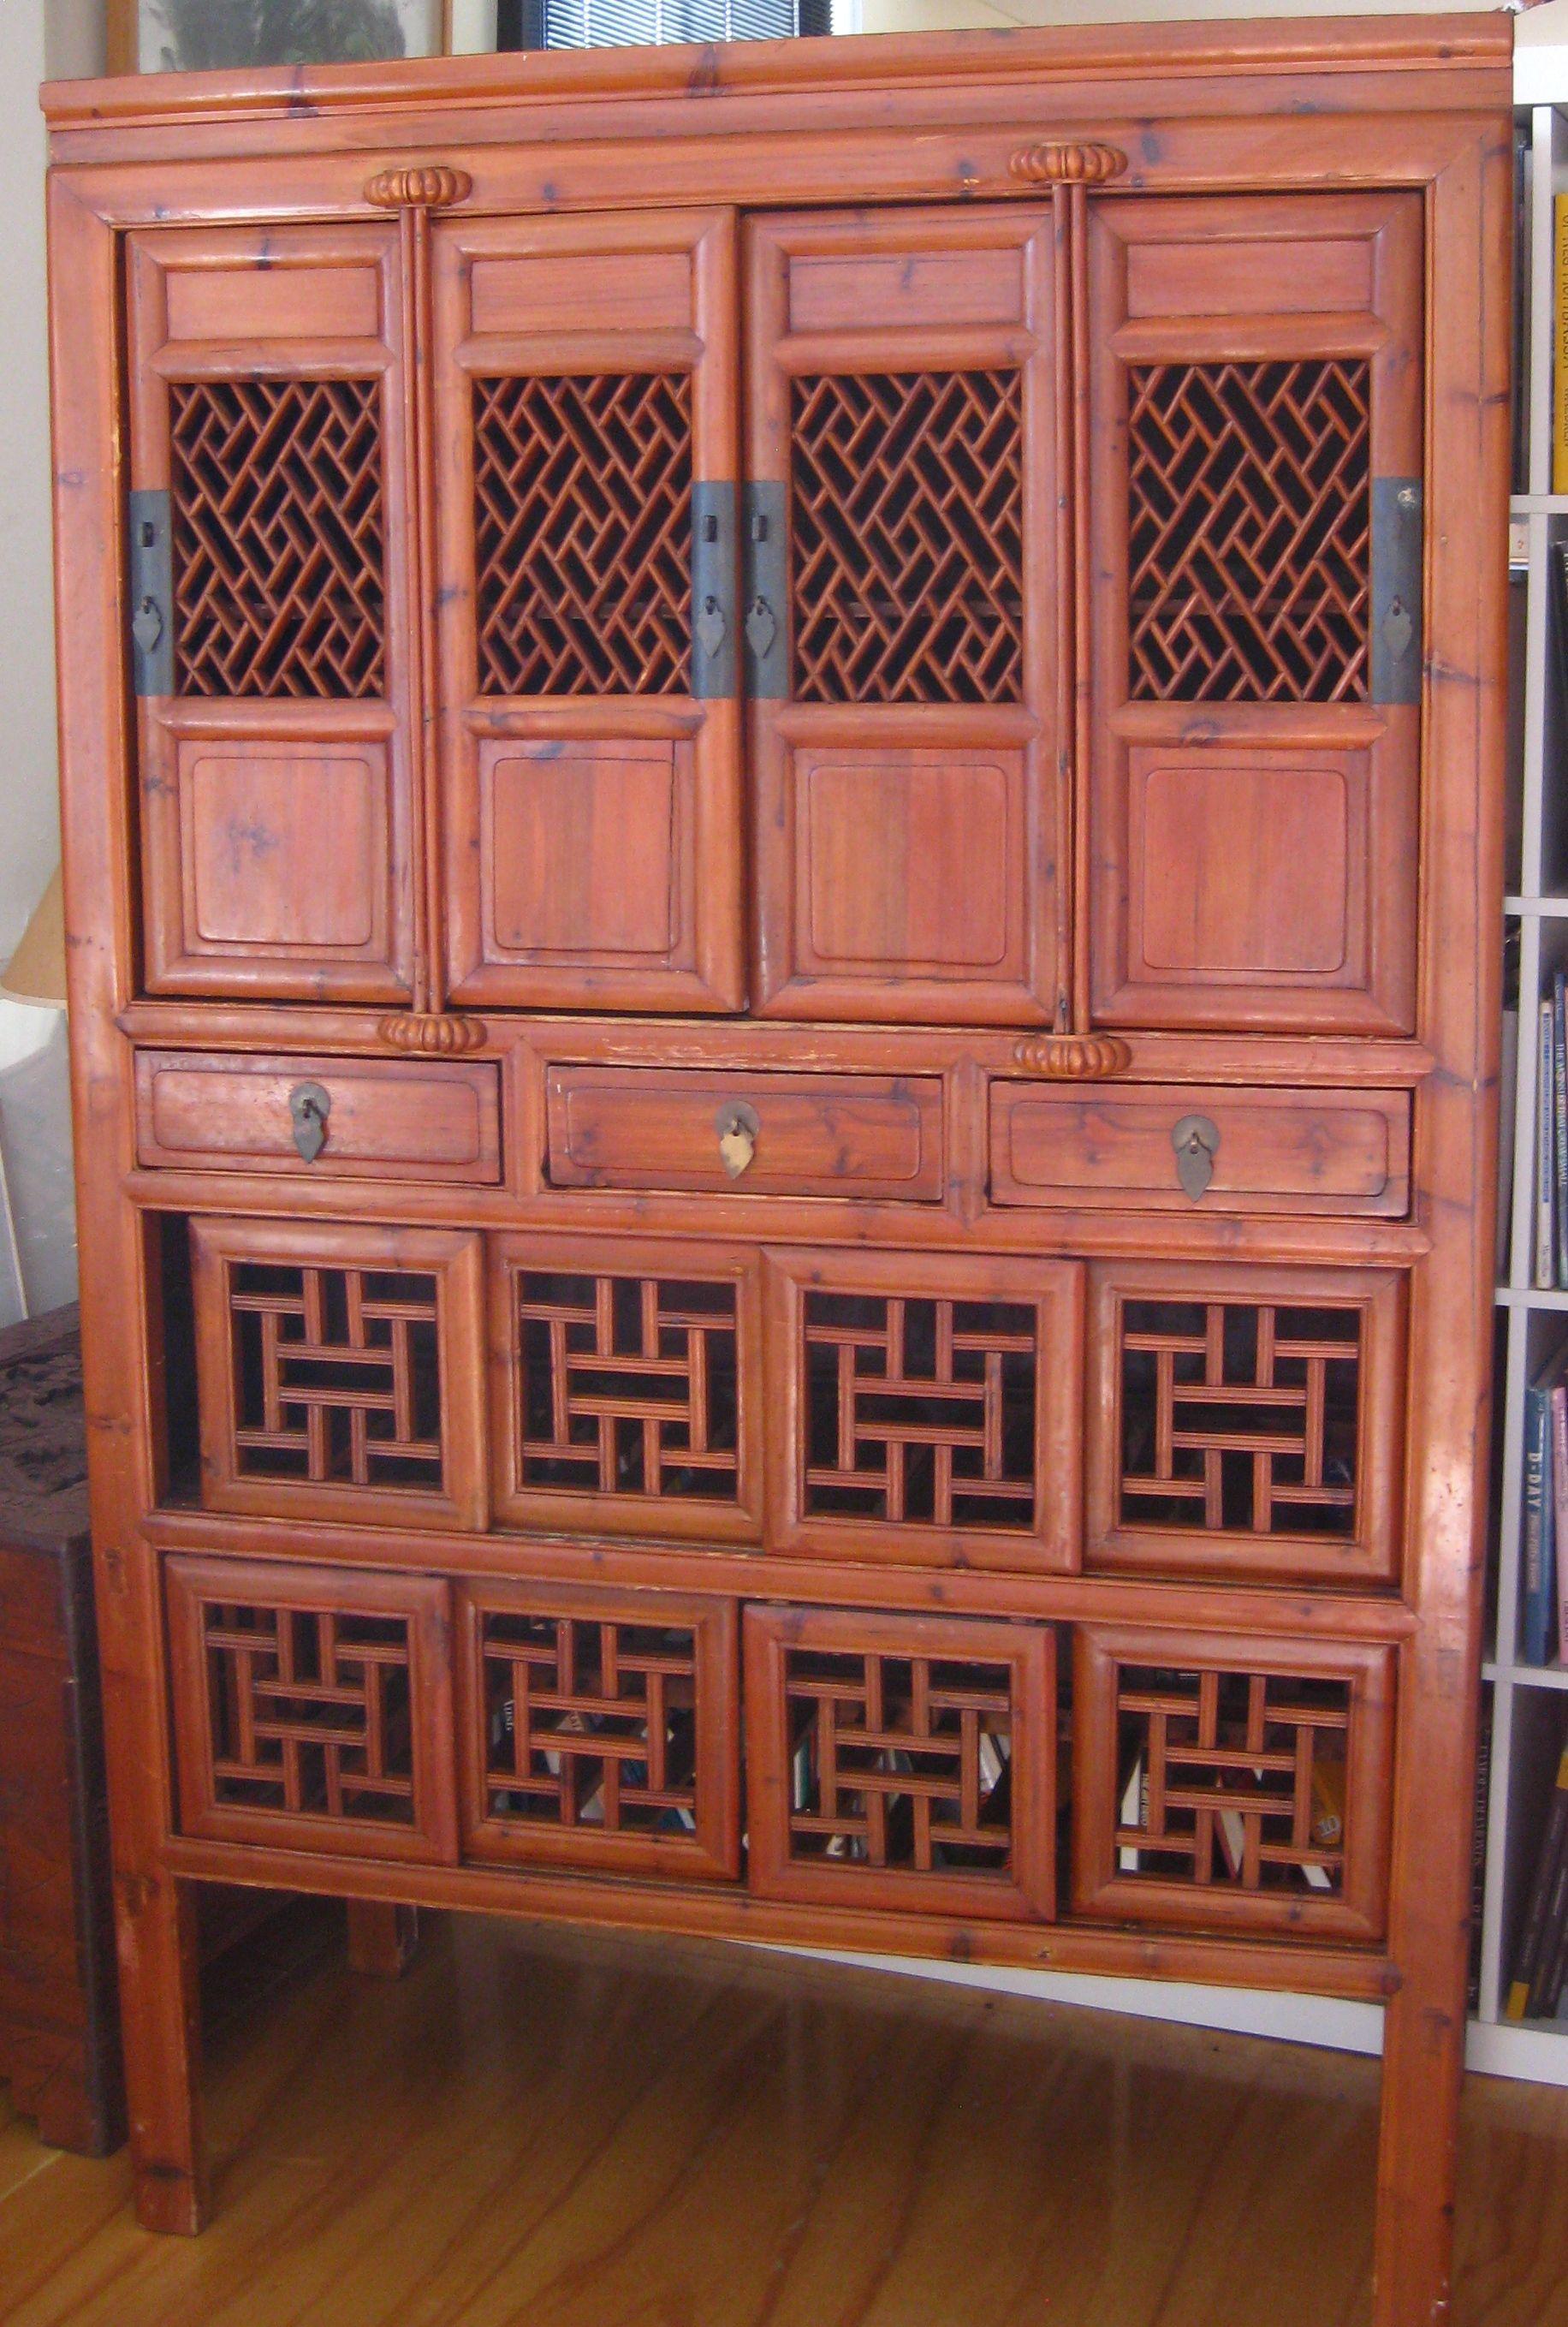 Antique Chinese Kitchen Dresser 20 high x 20 deep x 20 wide ...